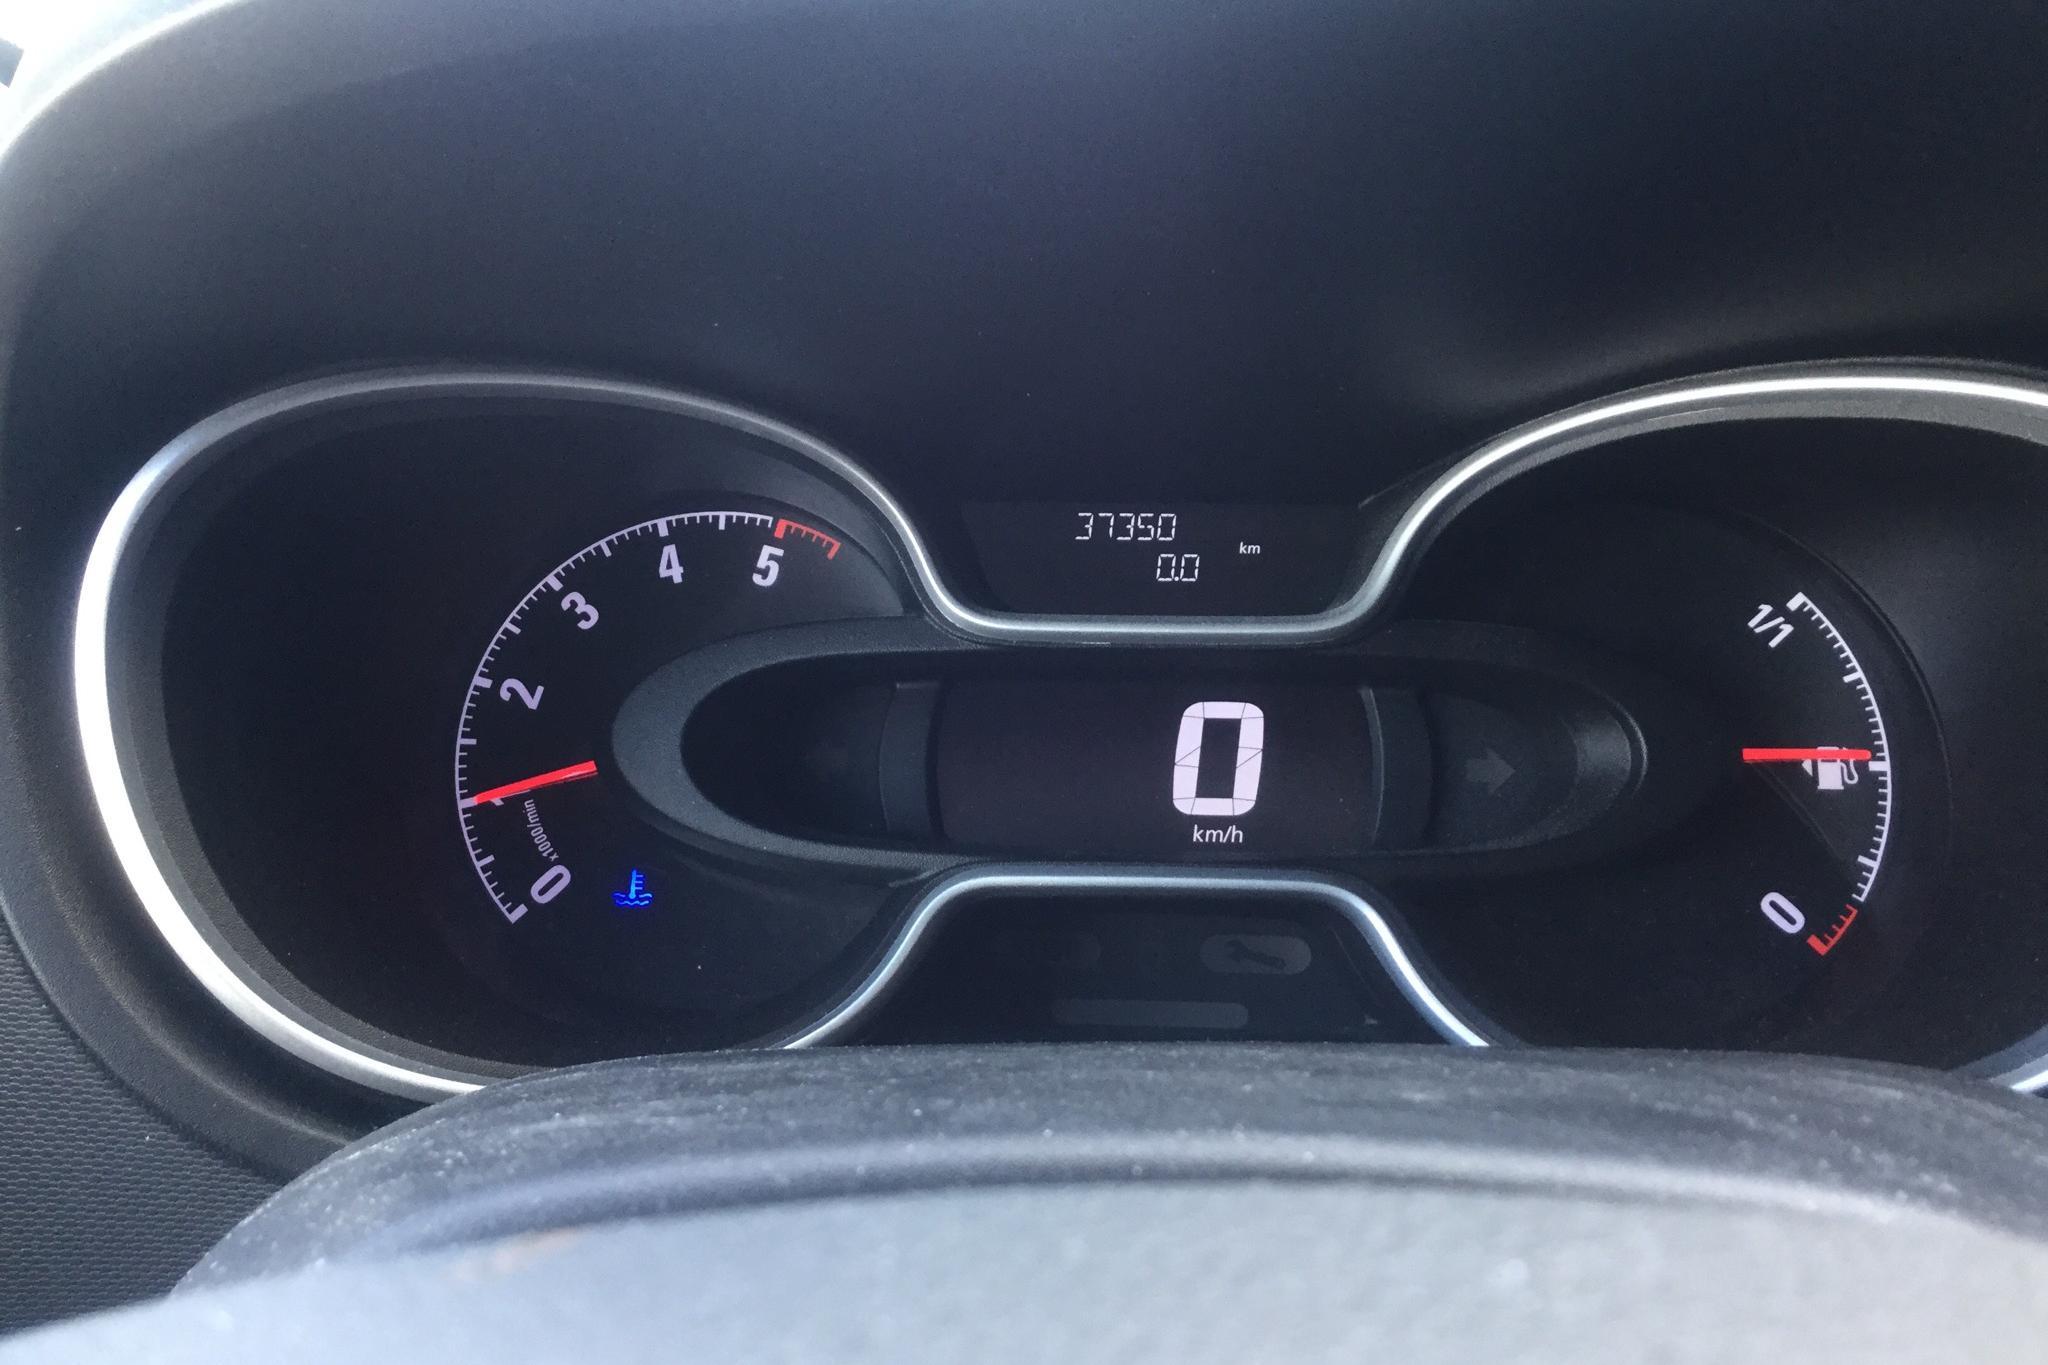 Opel Vivaro 1.6 BITURBO (125hk) - 0 km - Manual - black - 2017